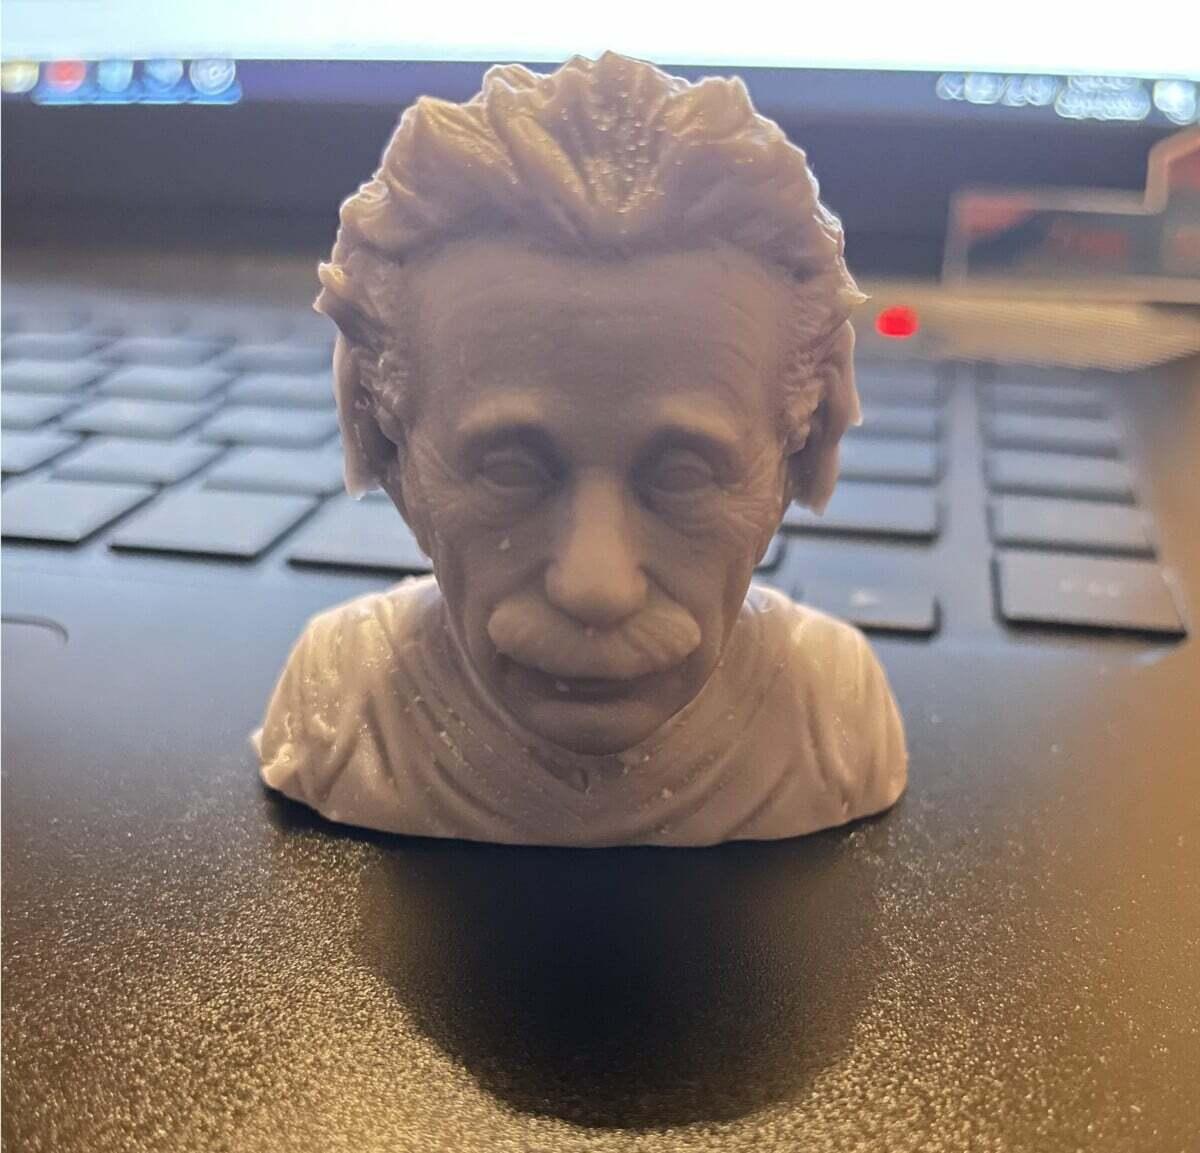 Einstein Bust 0.025mm Layer Height - 3D Printerly